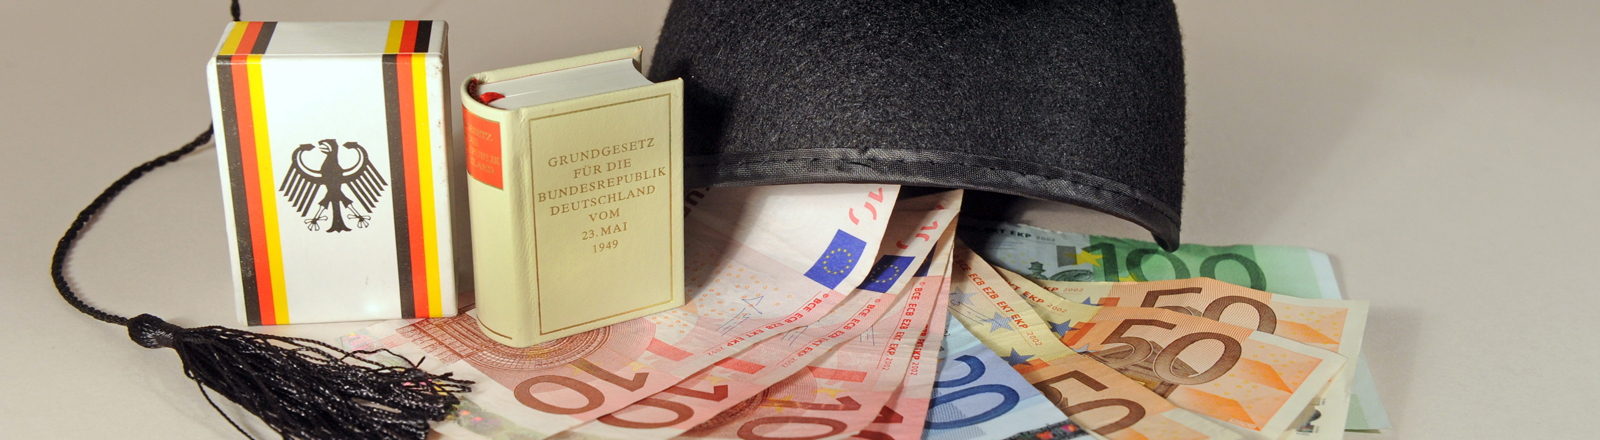 Euroscheine und Gesetzbuch liegen auf einem Tisch